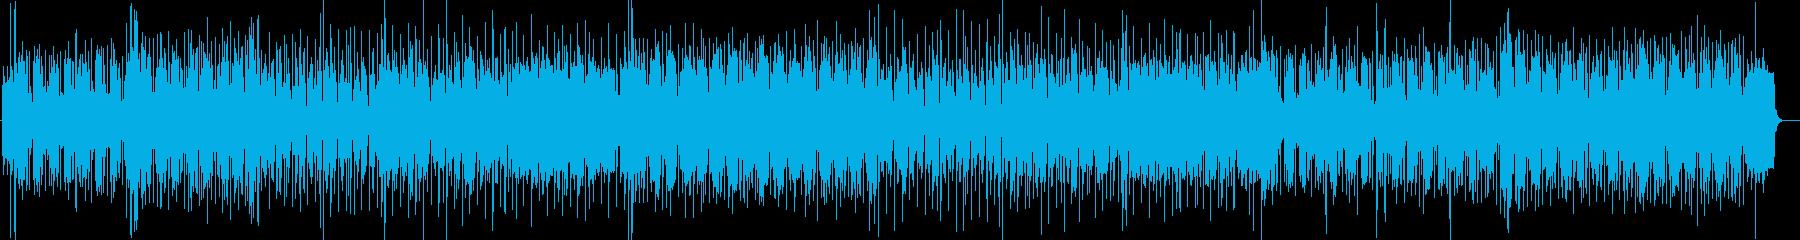 夜の繁華街バブル歓楽街ネオン(リメイク)の再生済みの波形